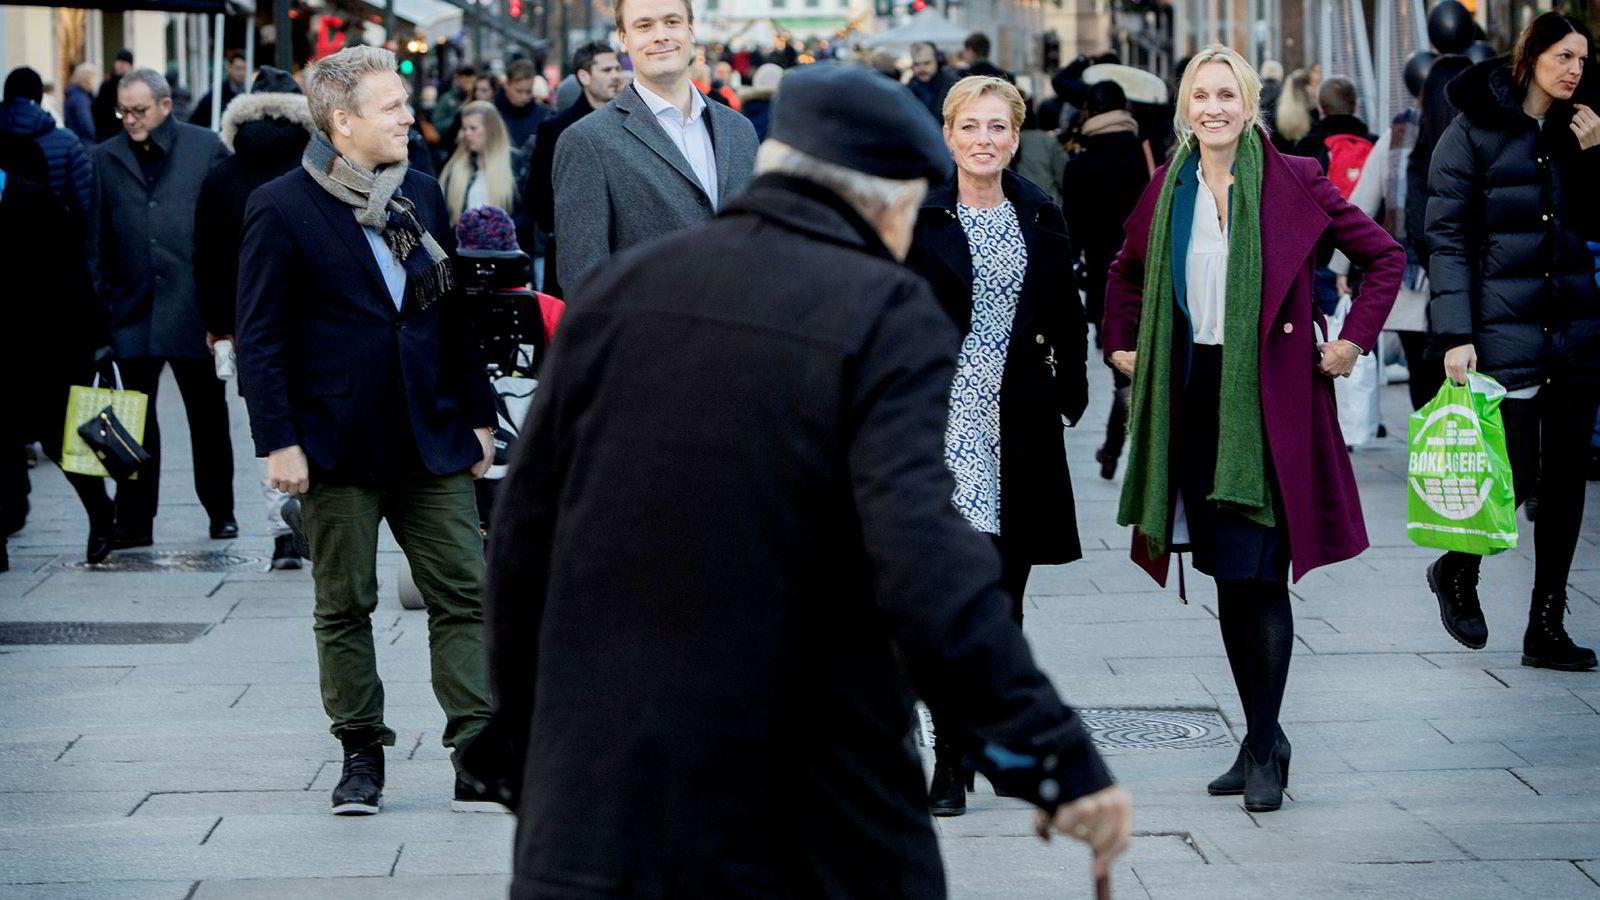 DNs privatøkonomipanel råder alle å få oversikt over pensjonen sin i 2017. Fra venstre er norgessjef Anders Skar i Nordnet, kredittsjef Endre Jo Reite i Sparebank 1 SMN, Alexandra Plahte, leder for pensjon i Gabler, Steenberg & Plahte og administrerende direktør Randi Marjamaa i Nordea Liv.